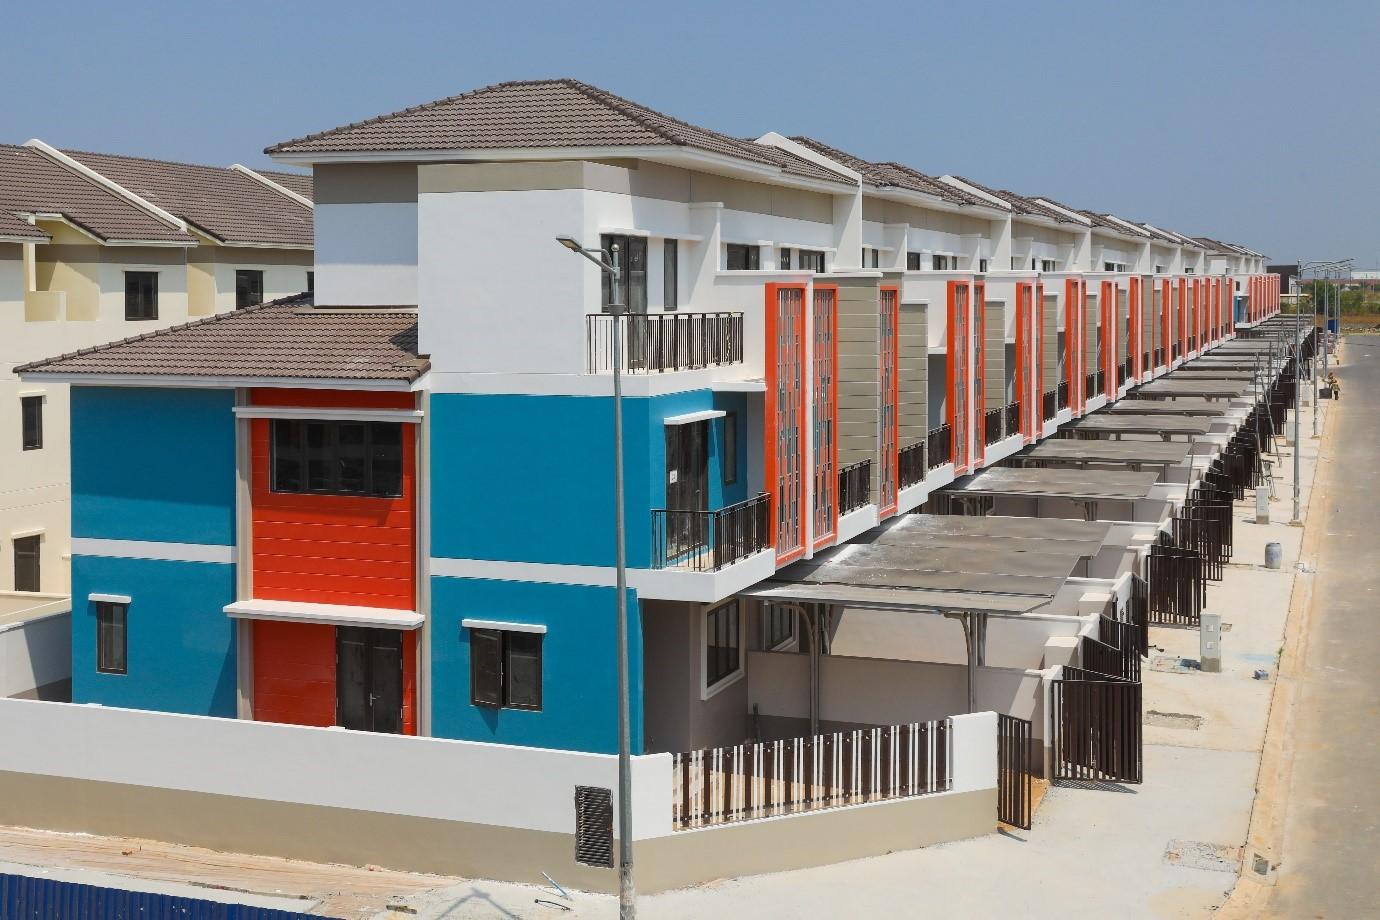 Nhà phố liền kề đang được thi công tại Dự án Sun Casa Central, ảnh: Quỳnh Trần